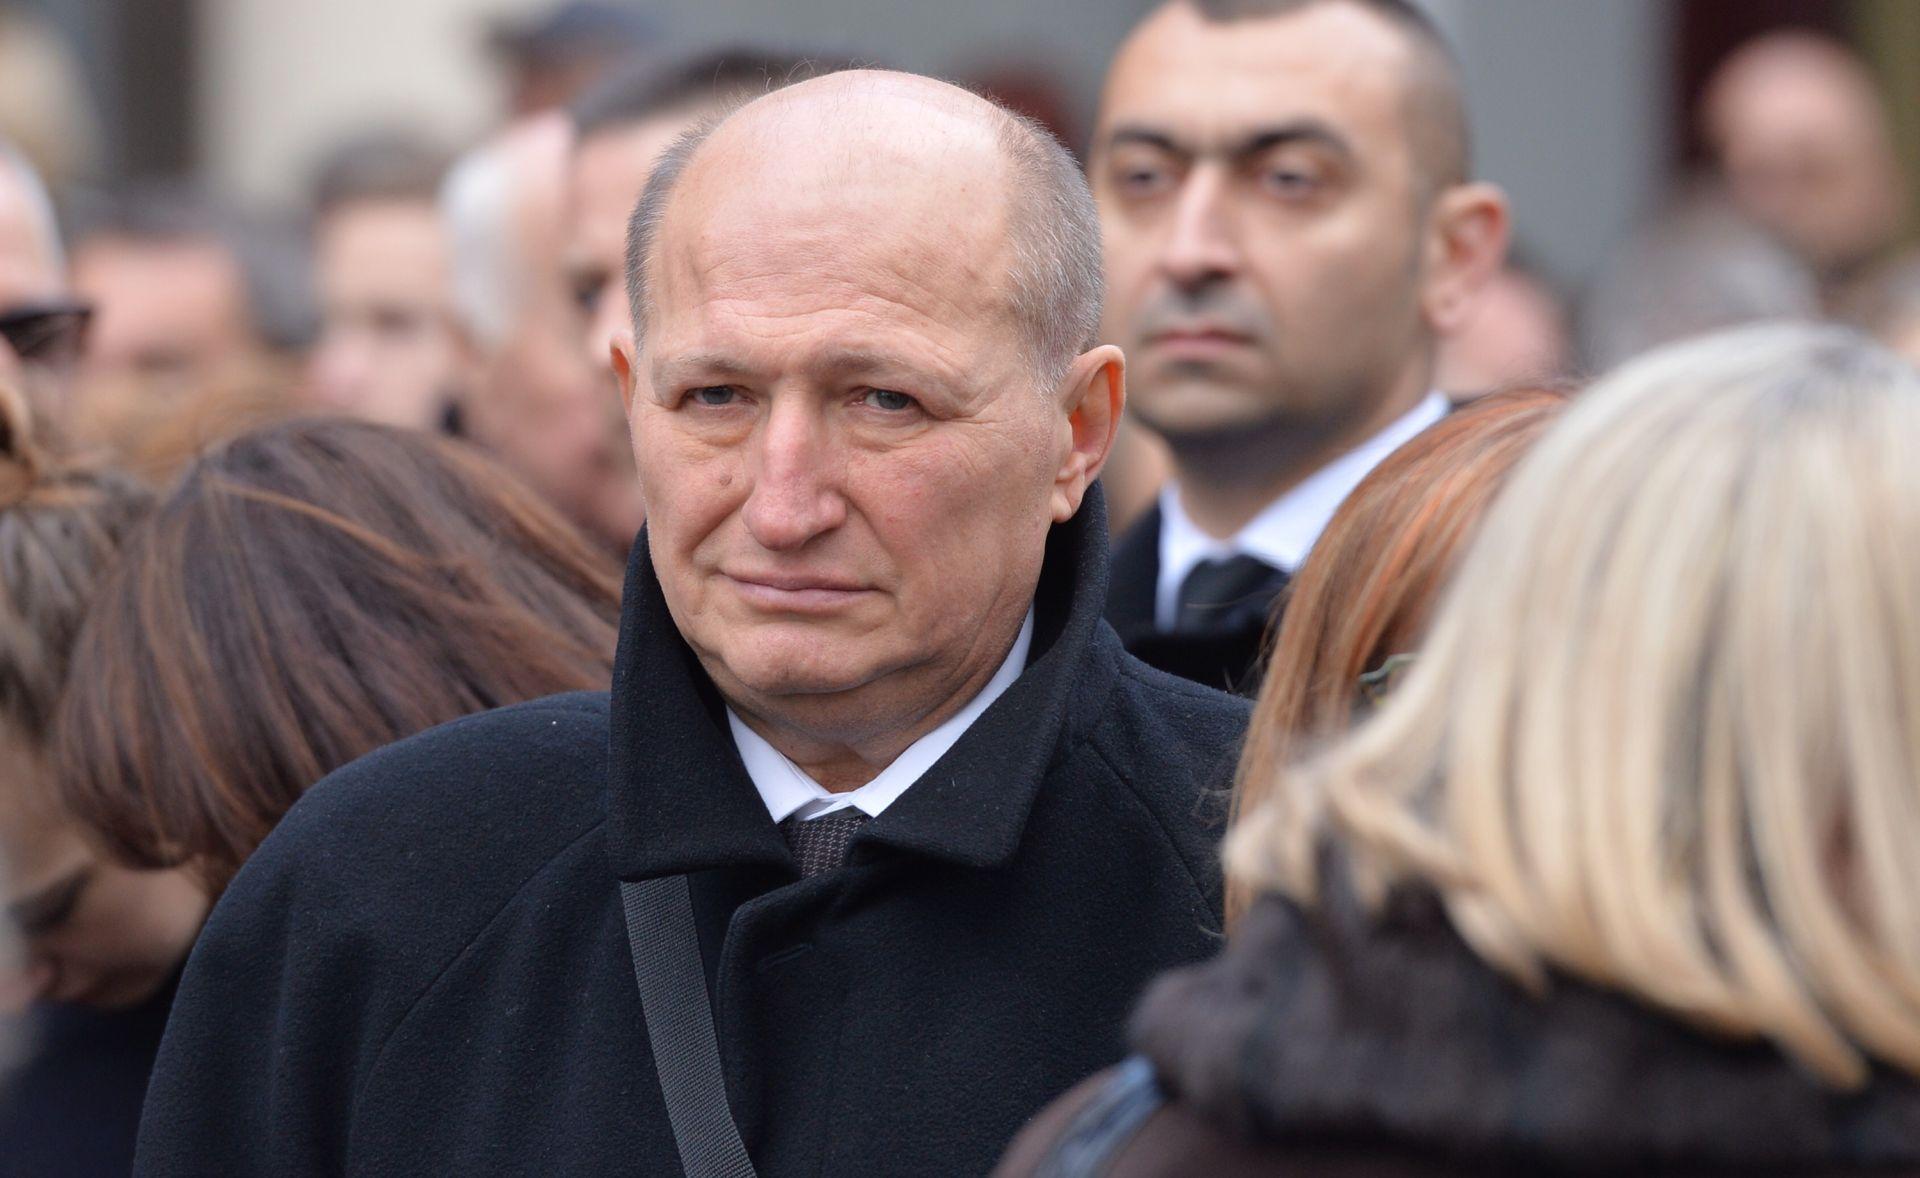 ISPRIKA ČITATELJIMA: Šeparović i Suić redovito se javno susreću